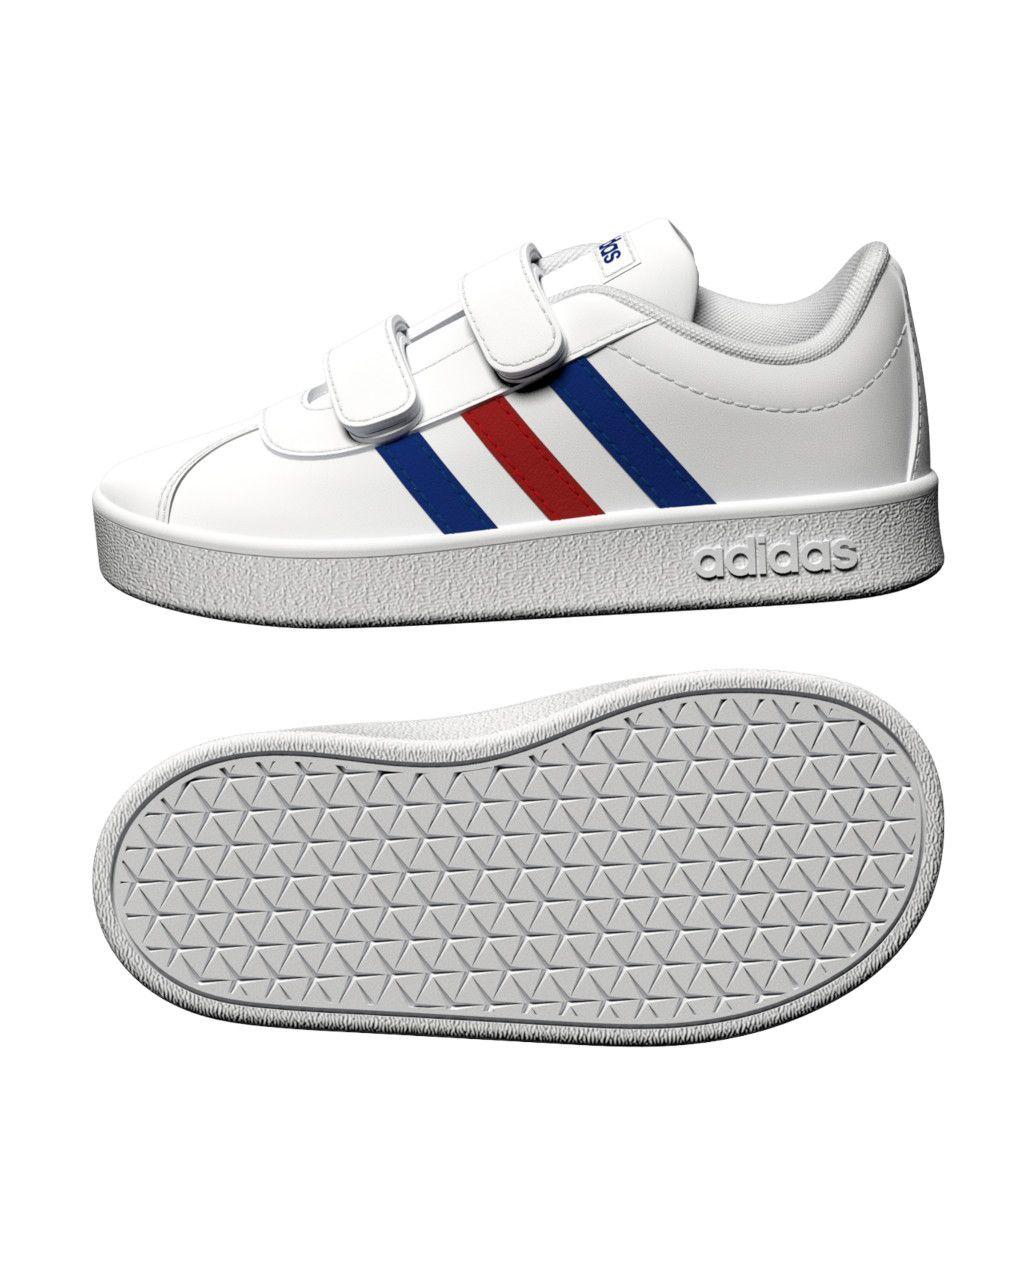 Αθλητικά Παπούτσια Adidas Vl Court 2.0 CMF I FY9275 για Αγόρι